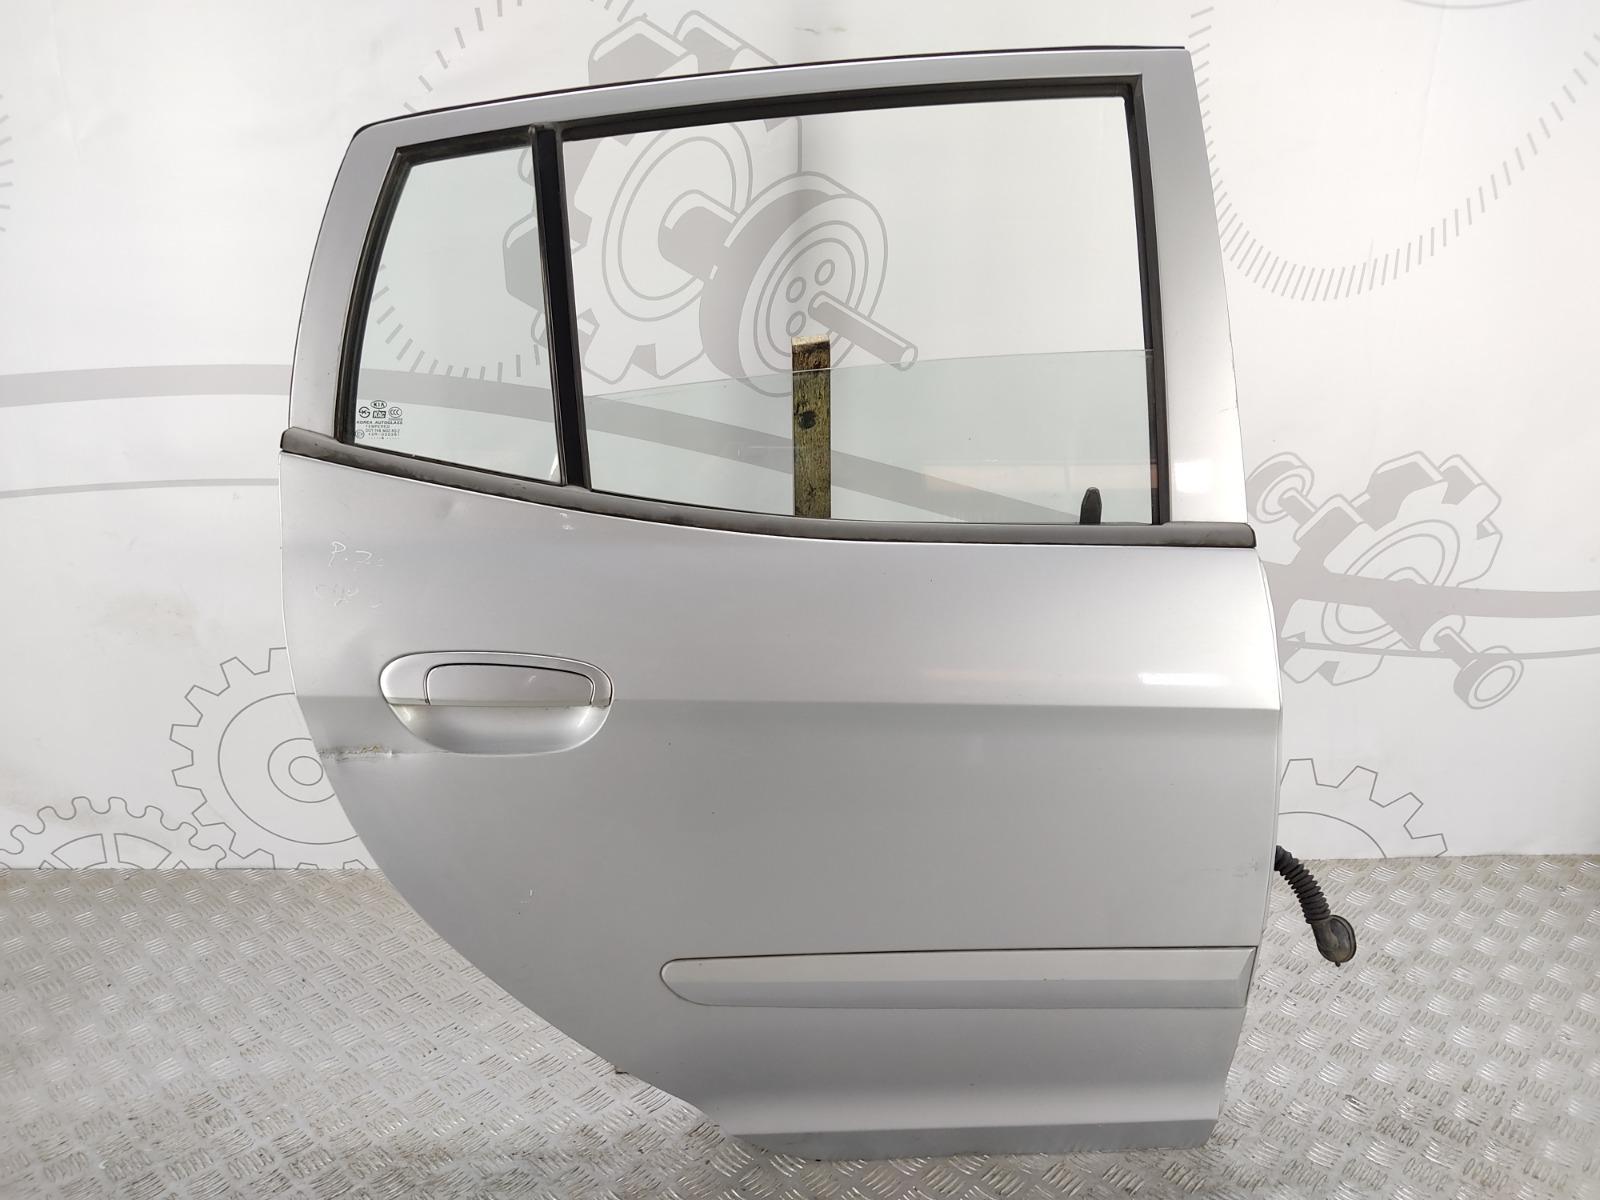 Дверь задняя правая Kia Picanto 1.1 I 2004 (б/у)